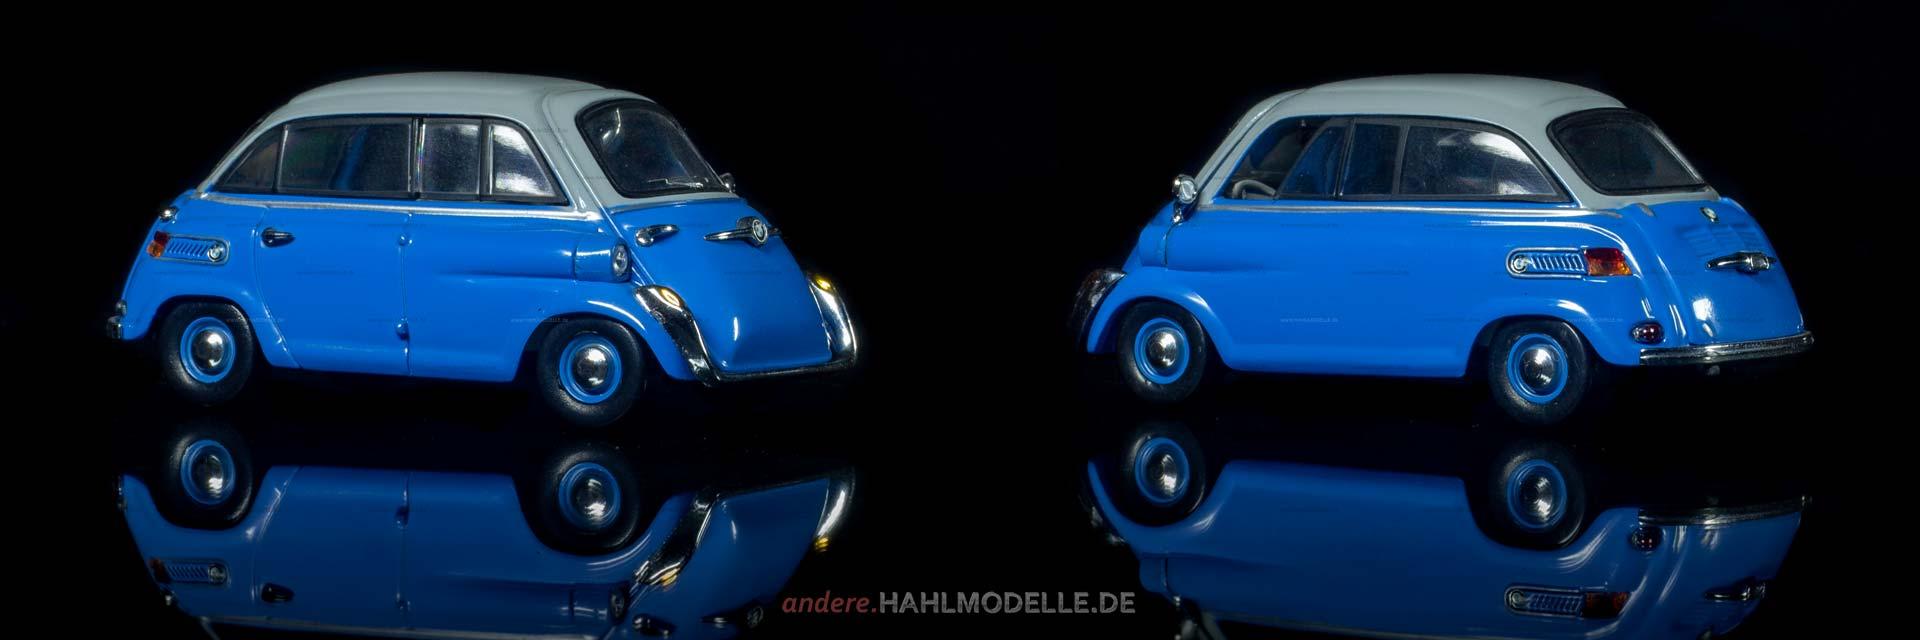 BMW 600 | Kleinstwagen | Schuco | www.andere.hahlmodelle.de